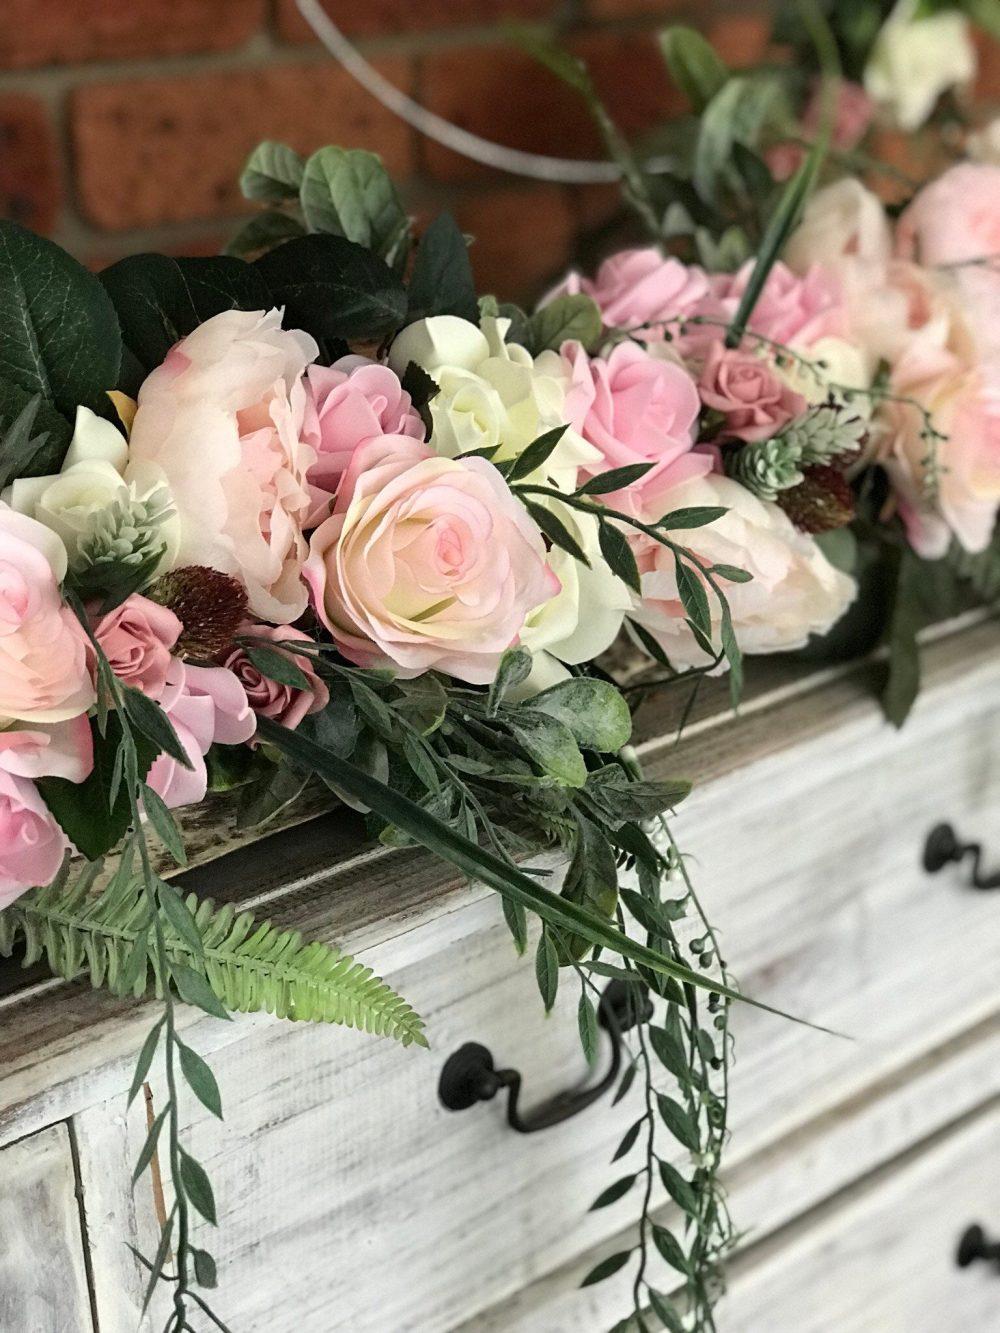 Arbour, Arch Or Garden Floral Arrangement... A Straight 1 Metre